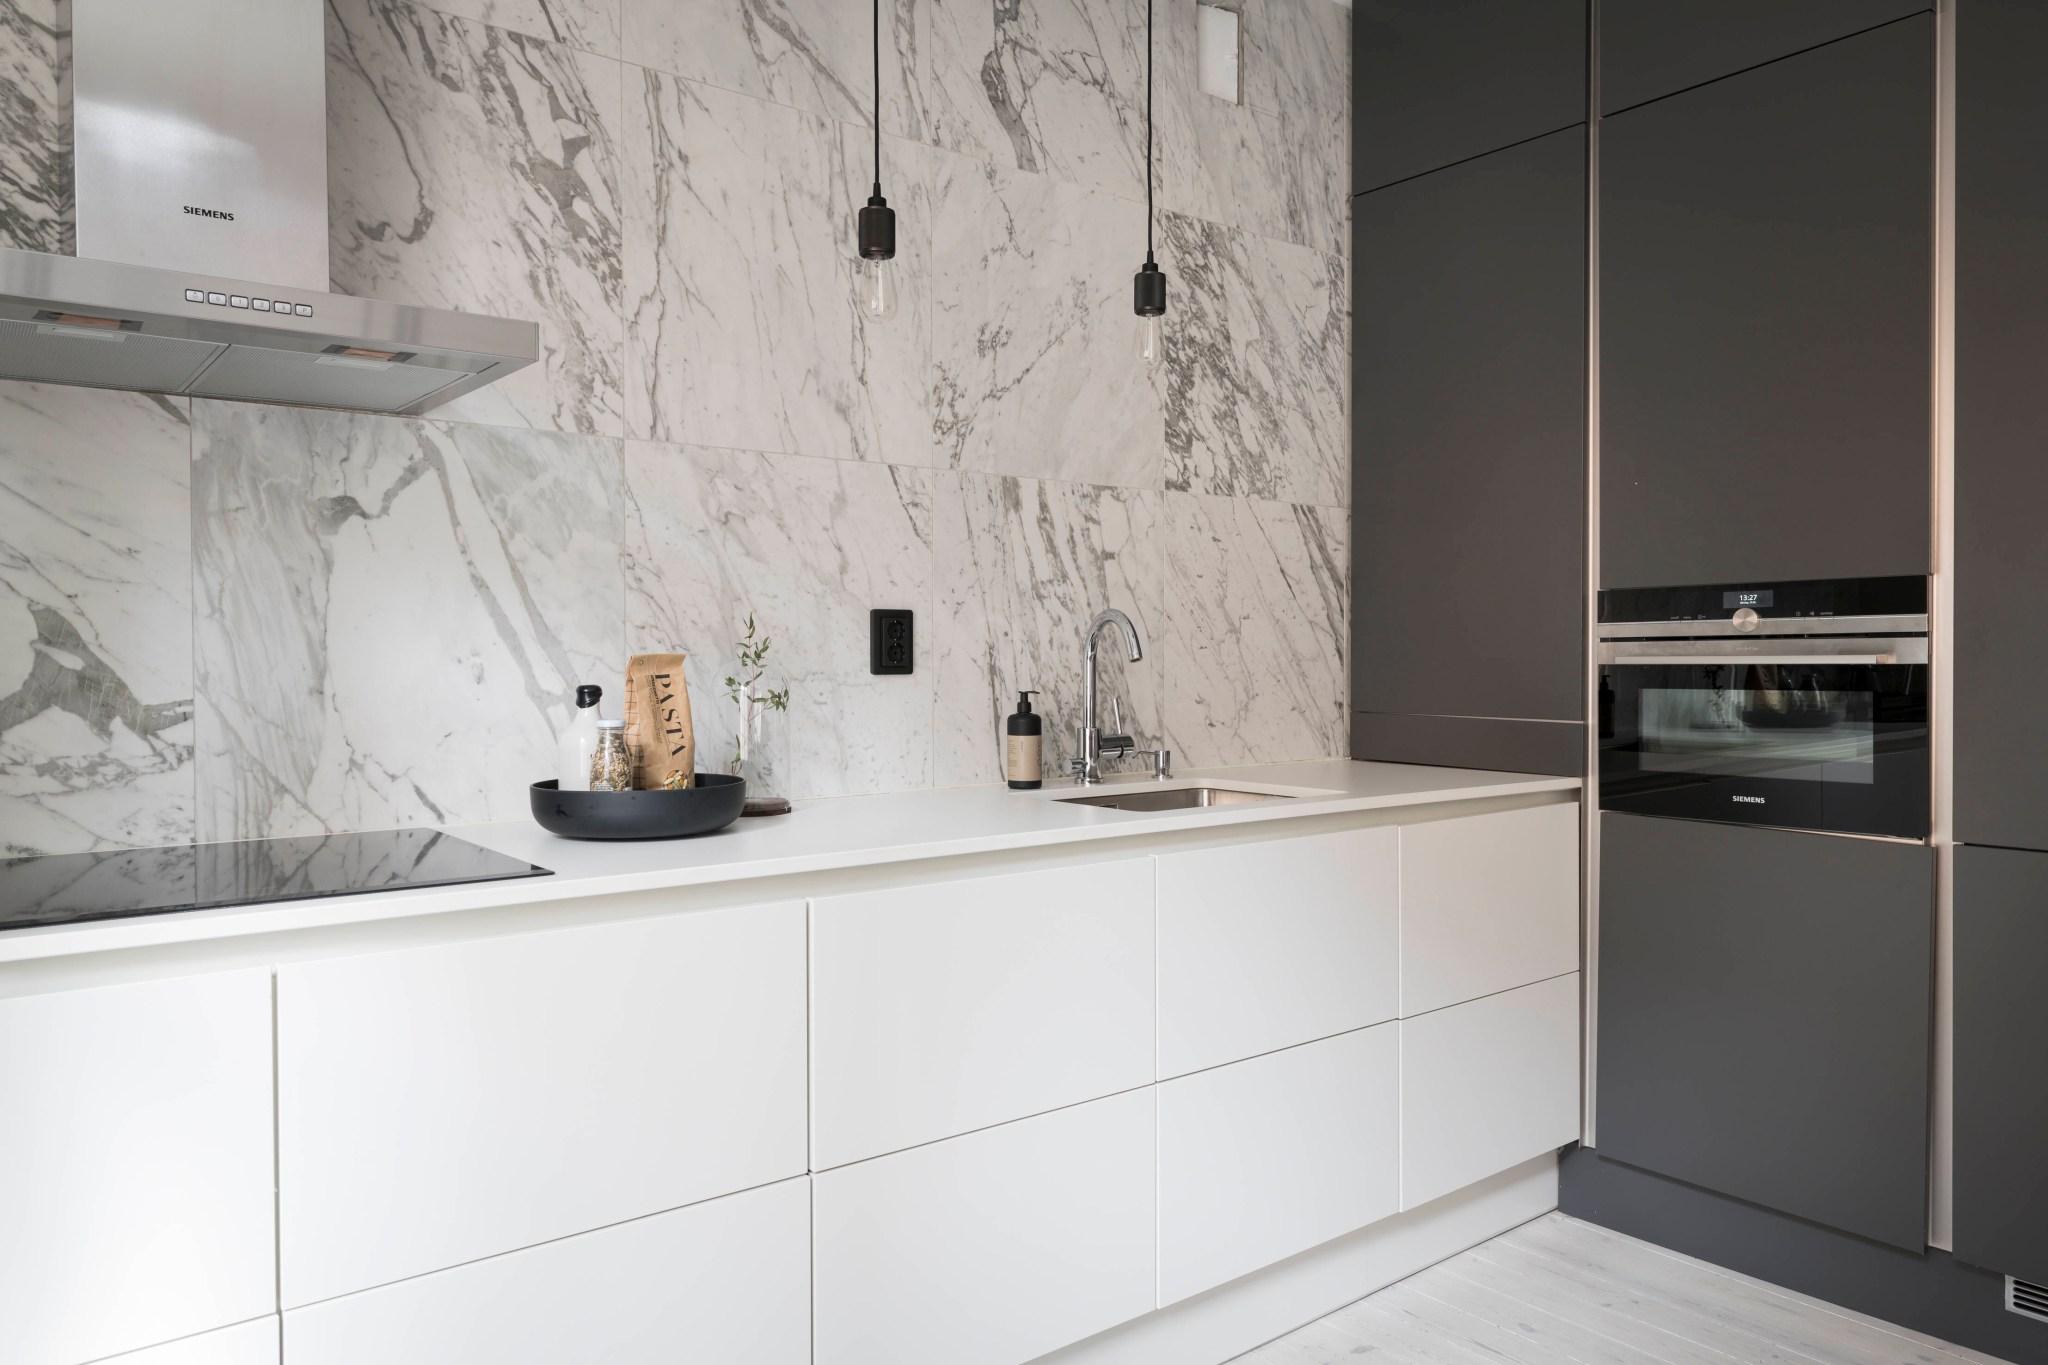 Uși de sticlă între living și dormitor într o garsonieră de 49 m² din Suedia 20